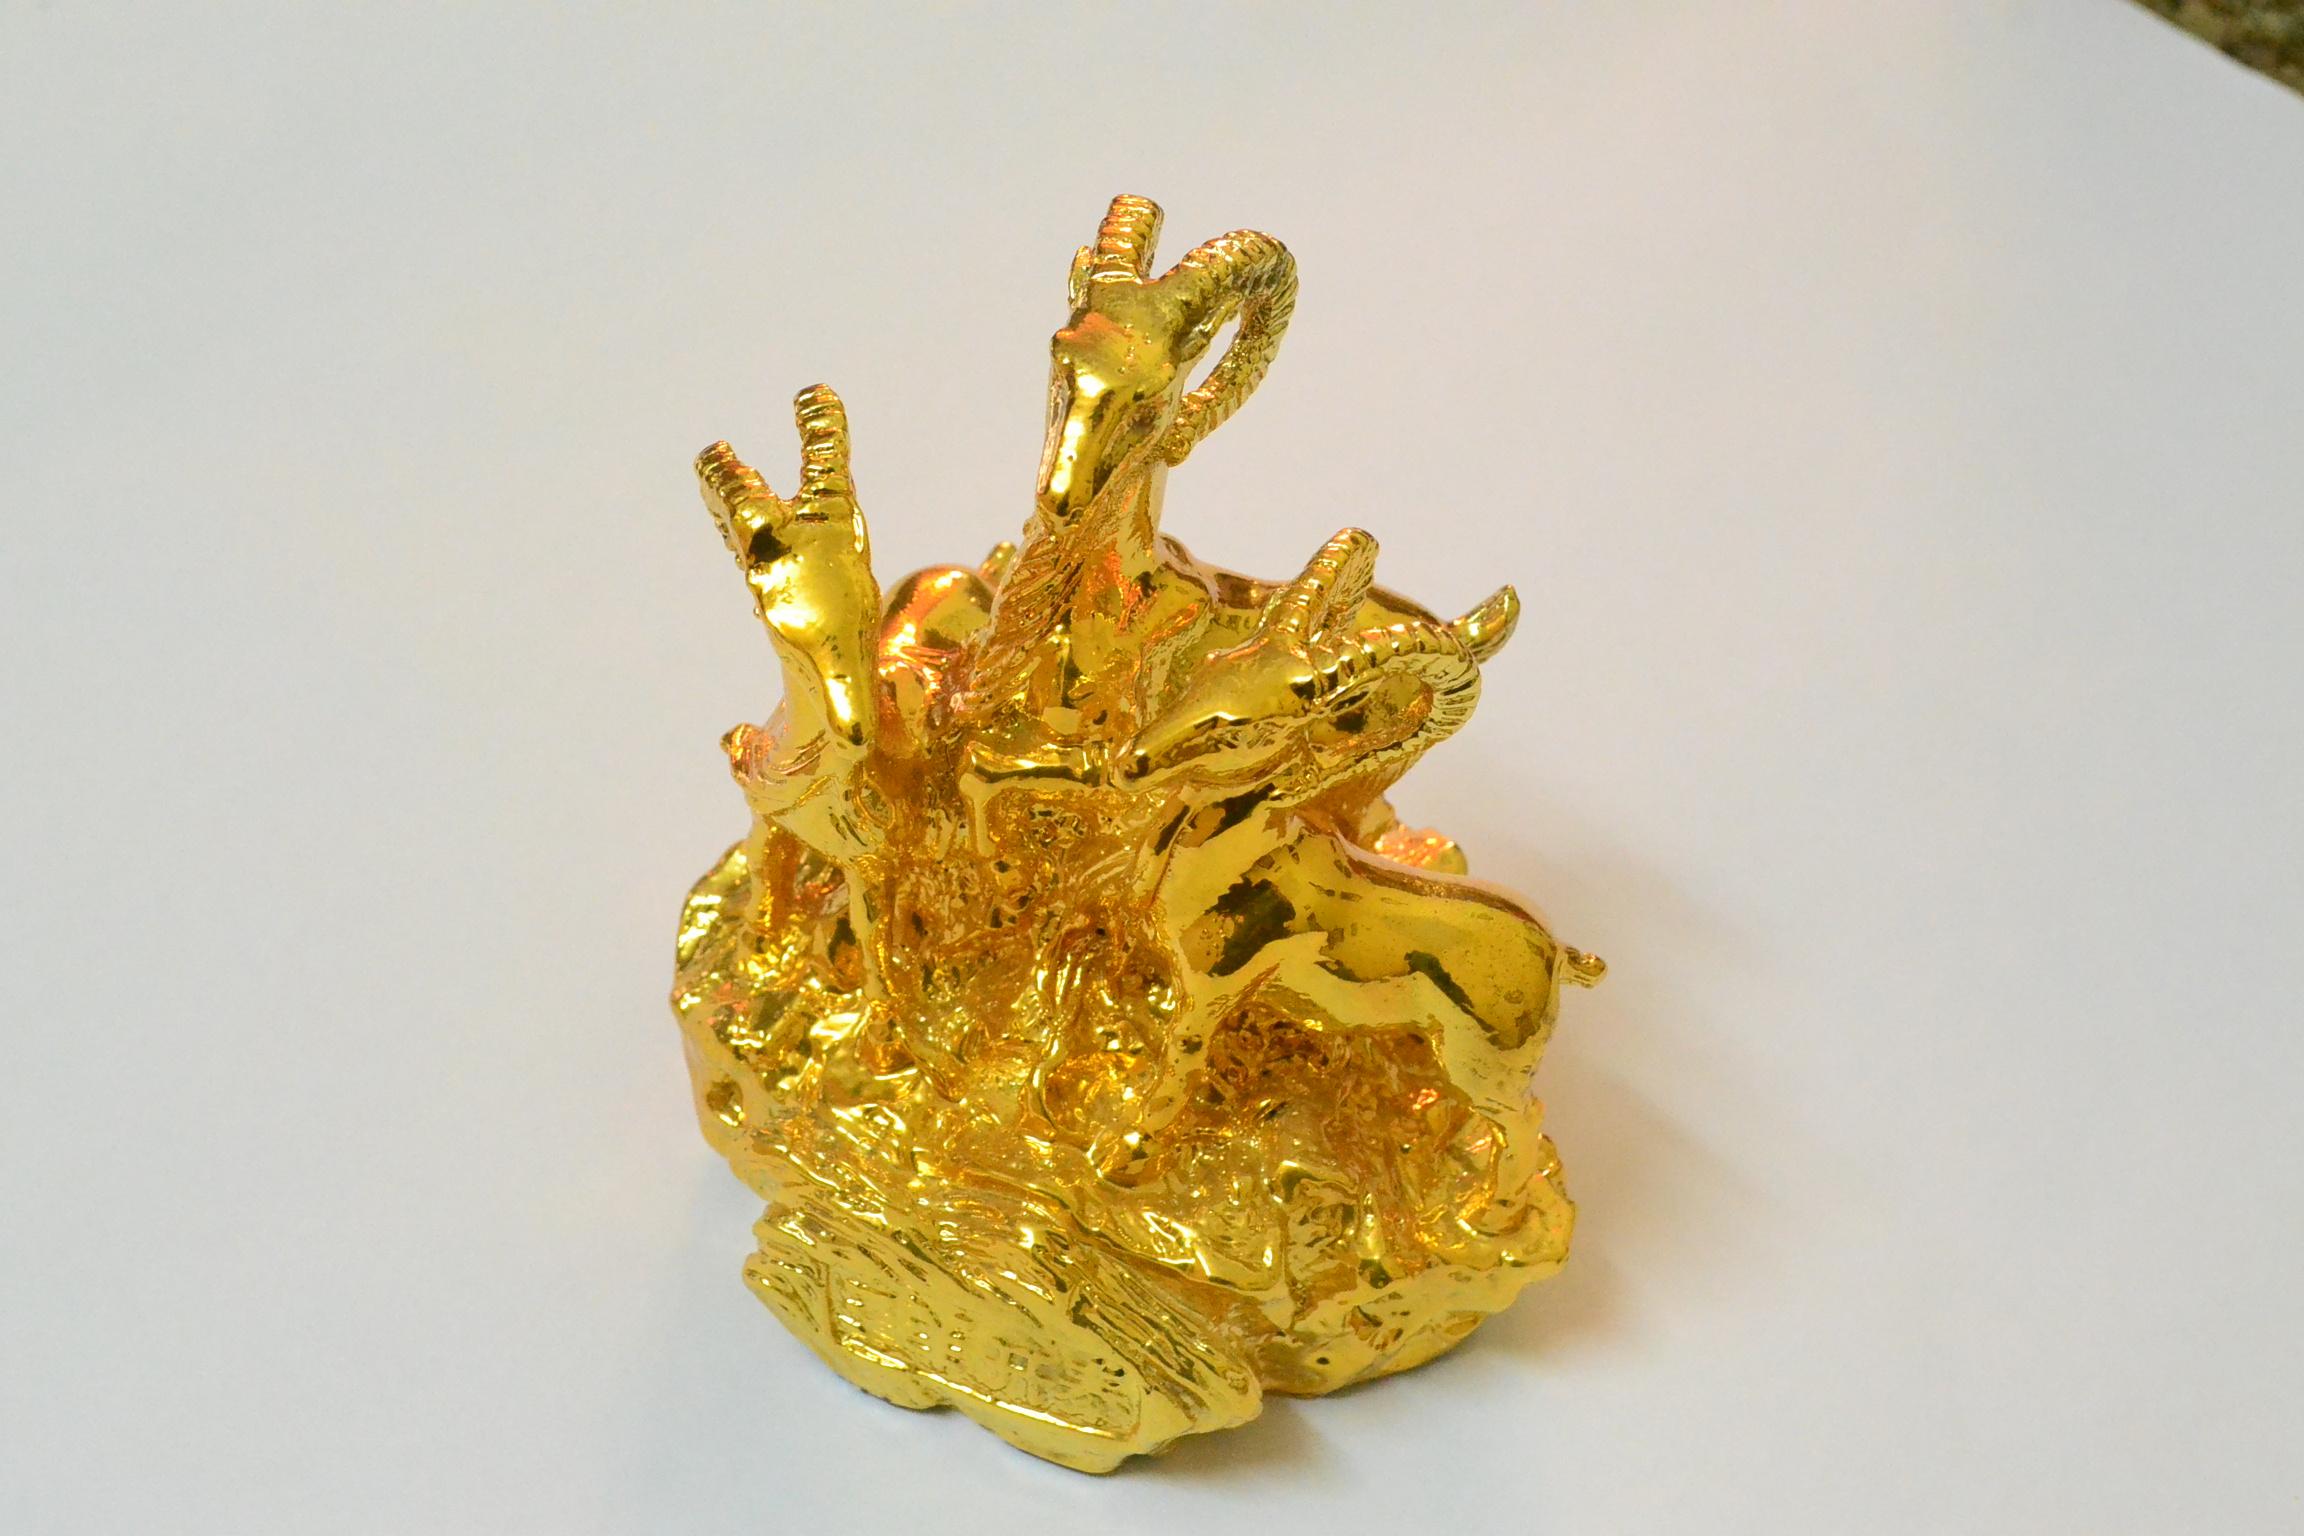 Tượng 12 con giáp mạ vàng - Tượng dê mạ vàng